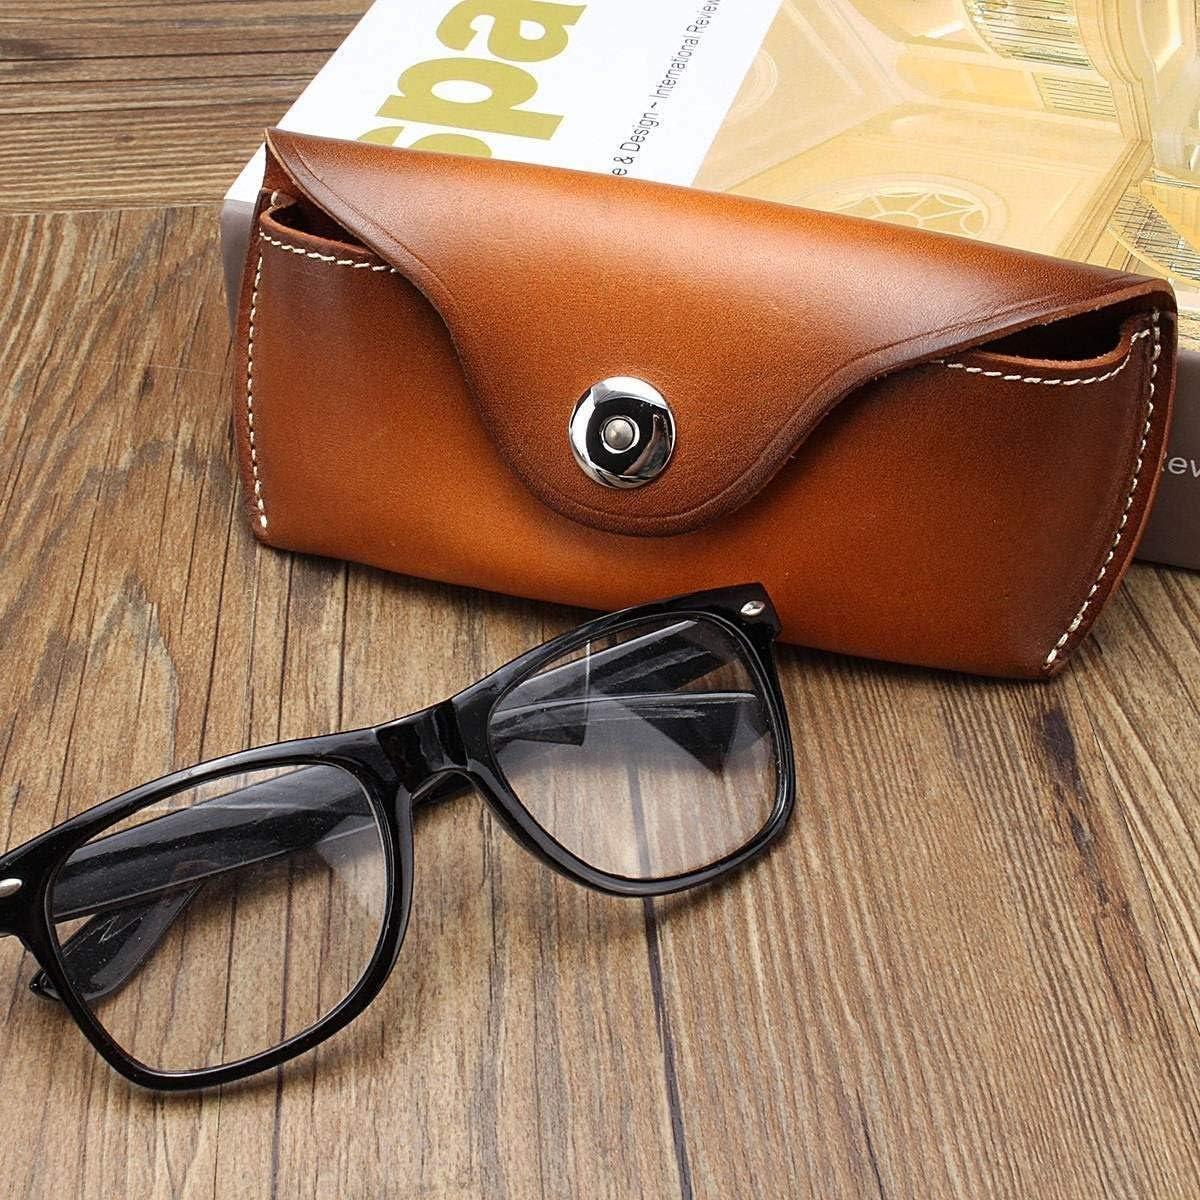 Color : Black ZRDY Echtes Leder Brillen Tasche for Brillen Handgemachte Kausale Jeans G/ürtel Brillenetui Sonnenbrille Schutzh/ülle